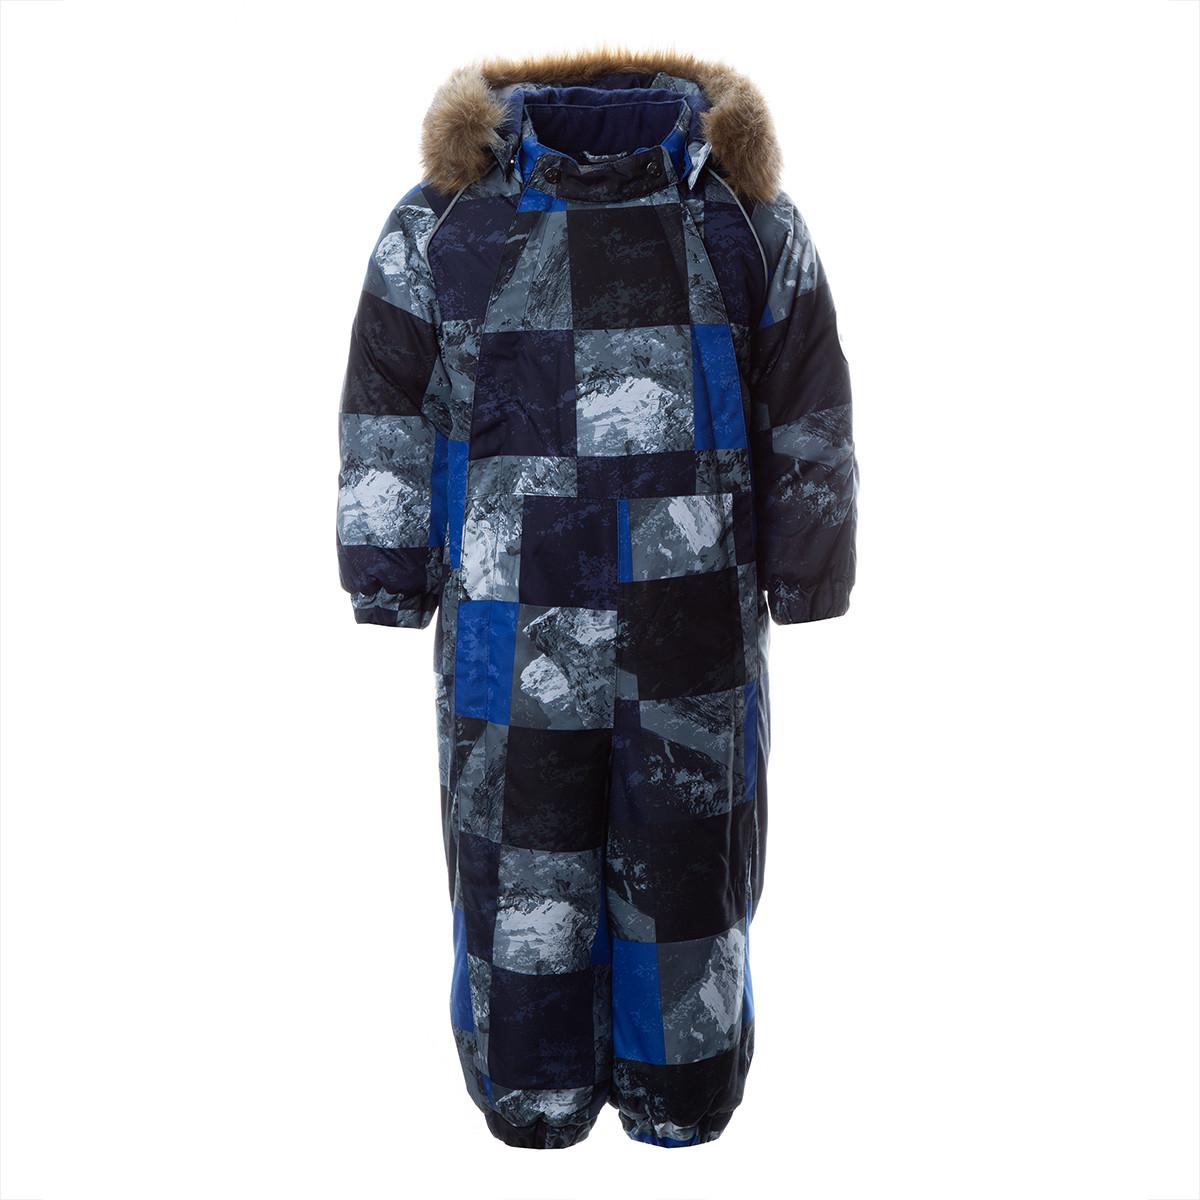 Детский комбинезон KEIRA, синий с принтом - фото 1